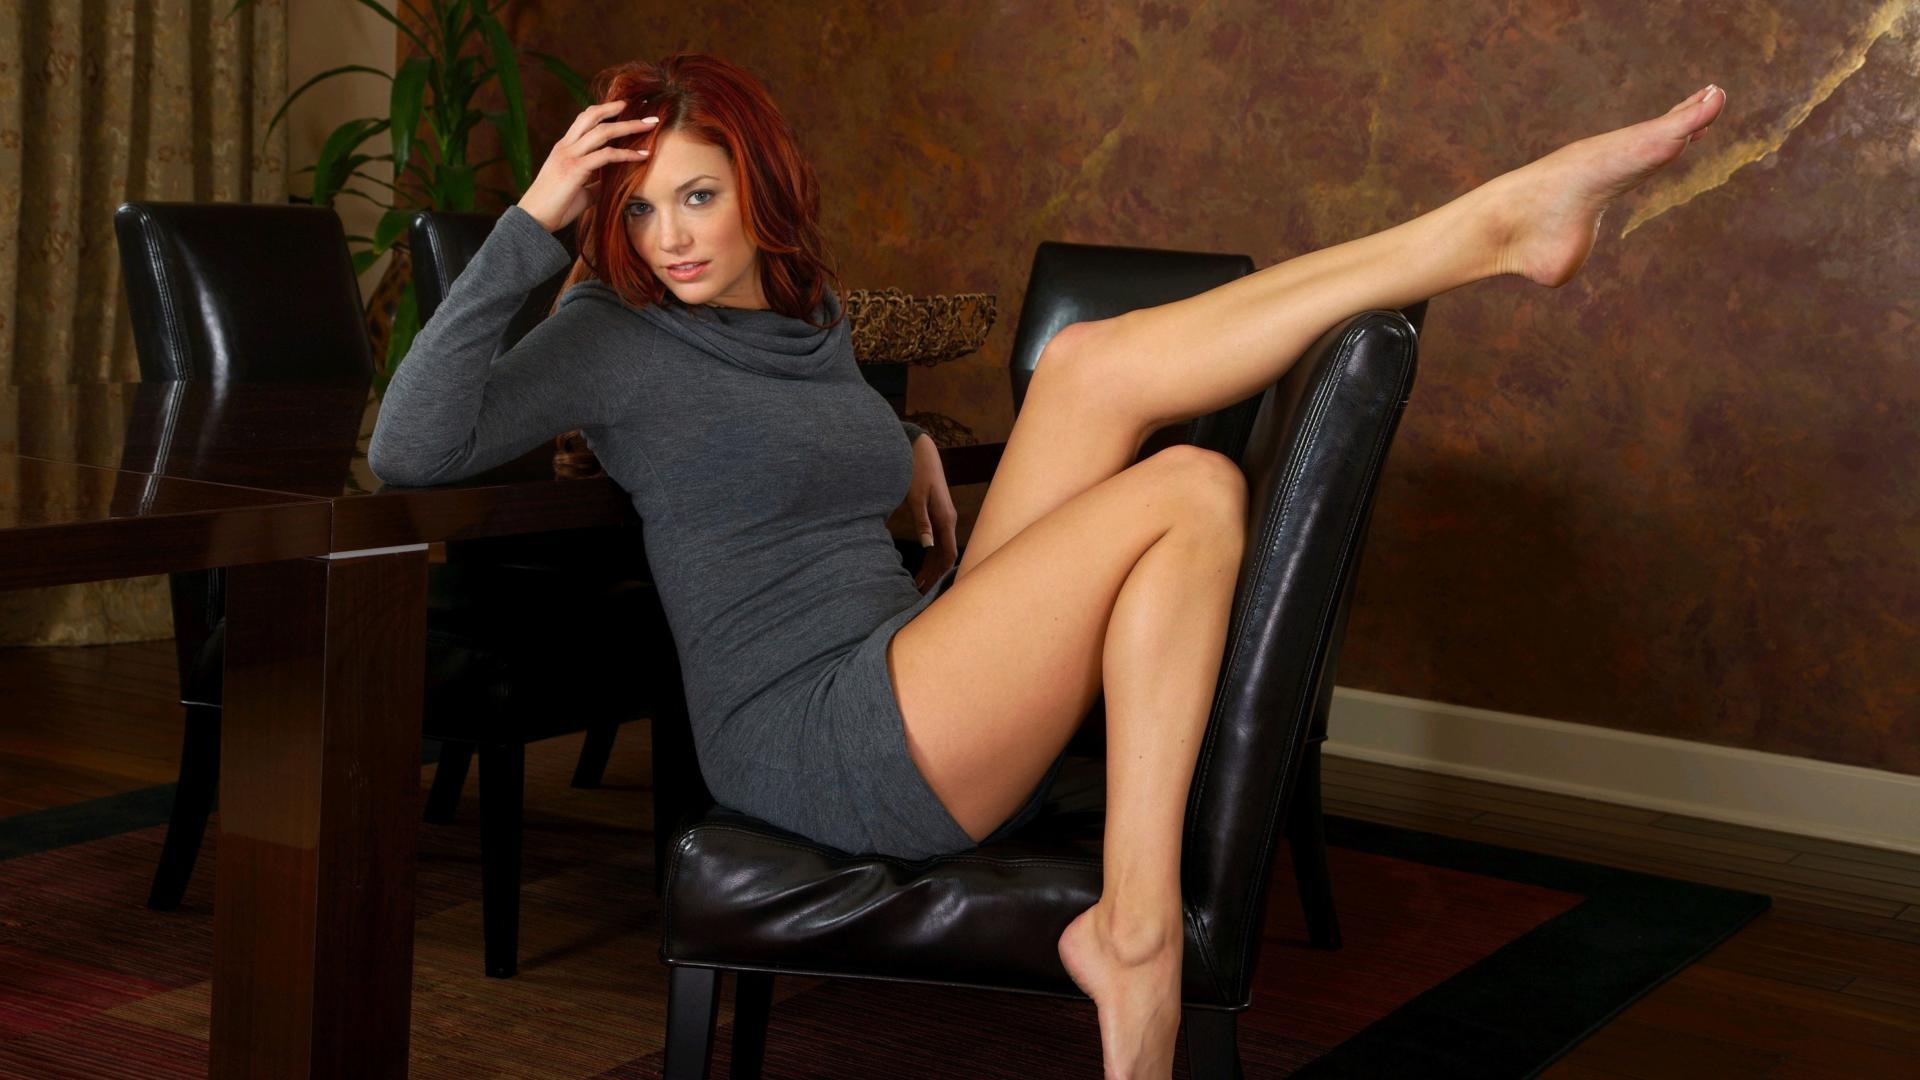 Женские ножки в чулках фото hd